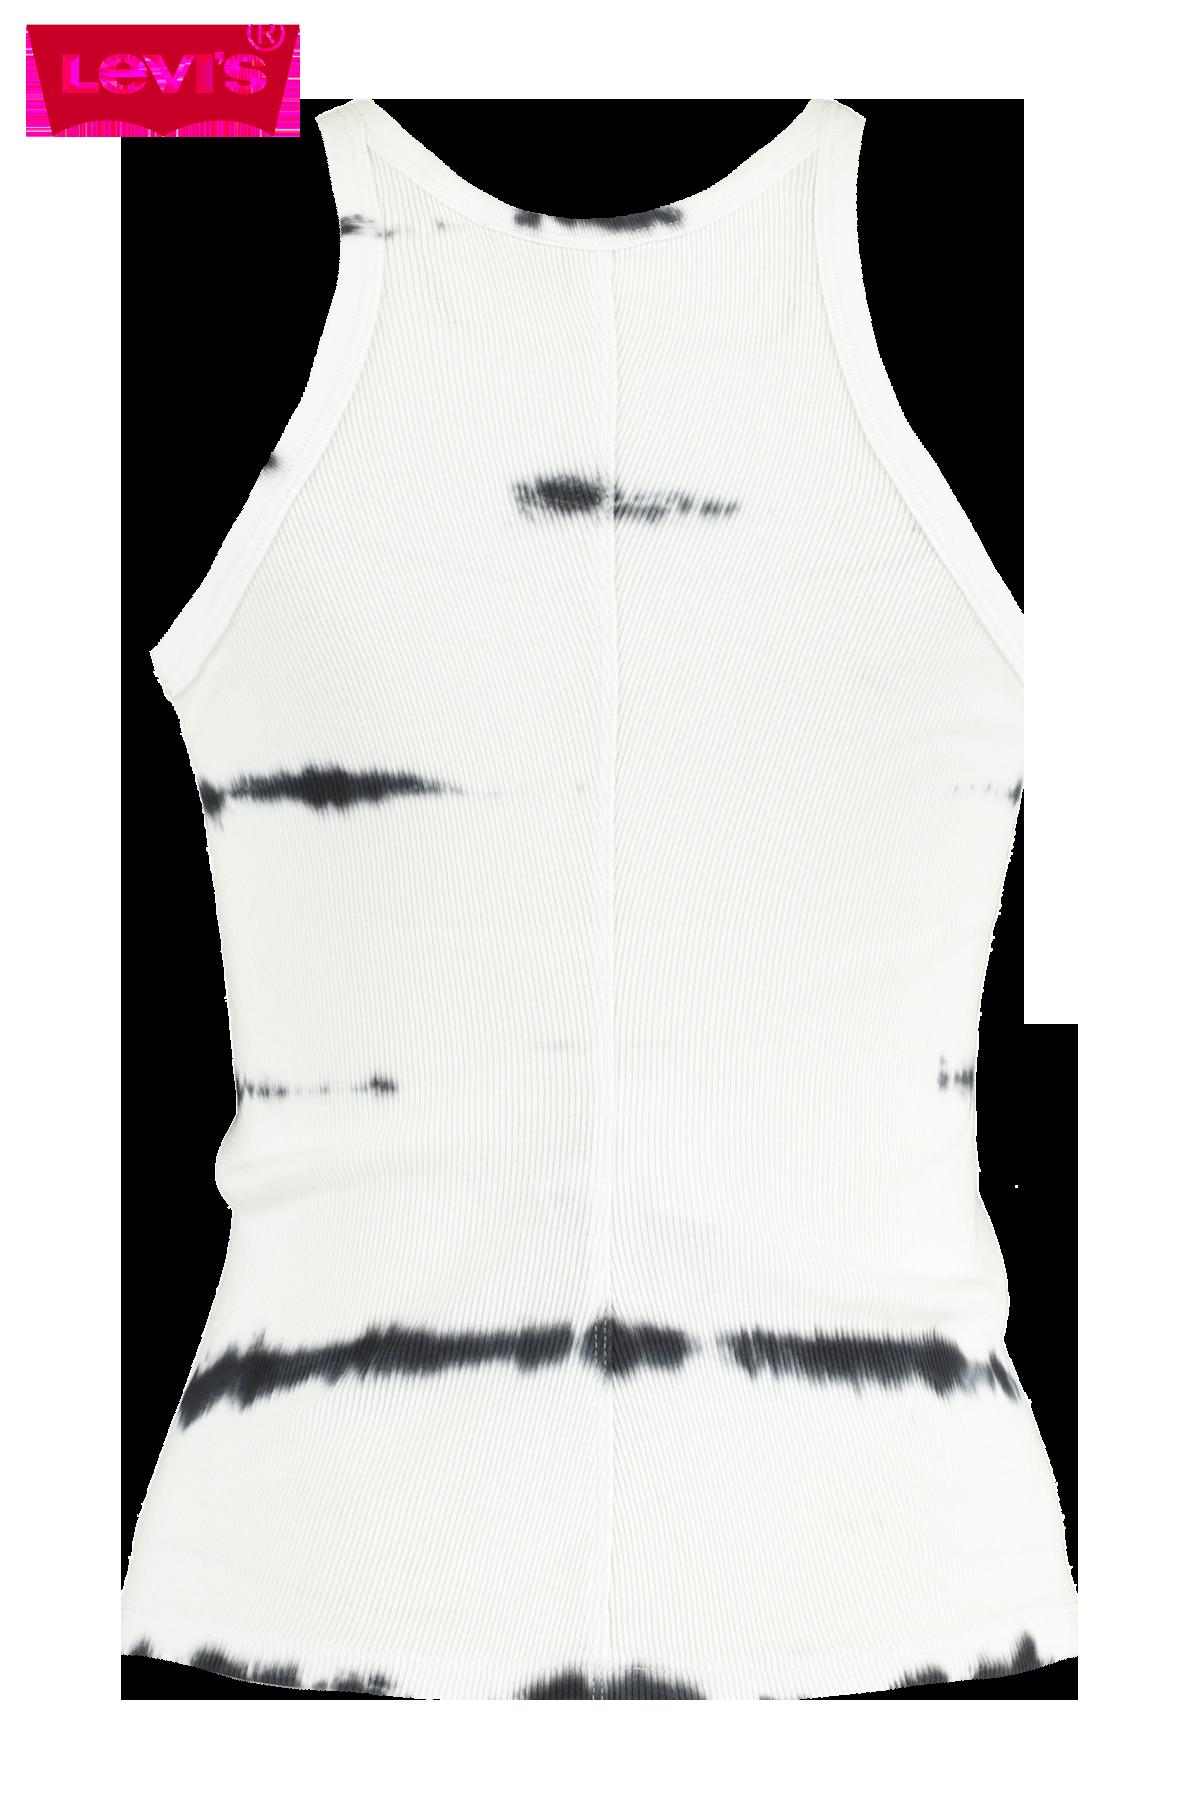 Singlet High neck tank tie dye